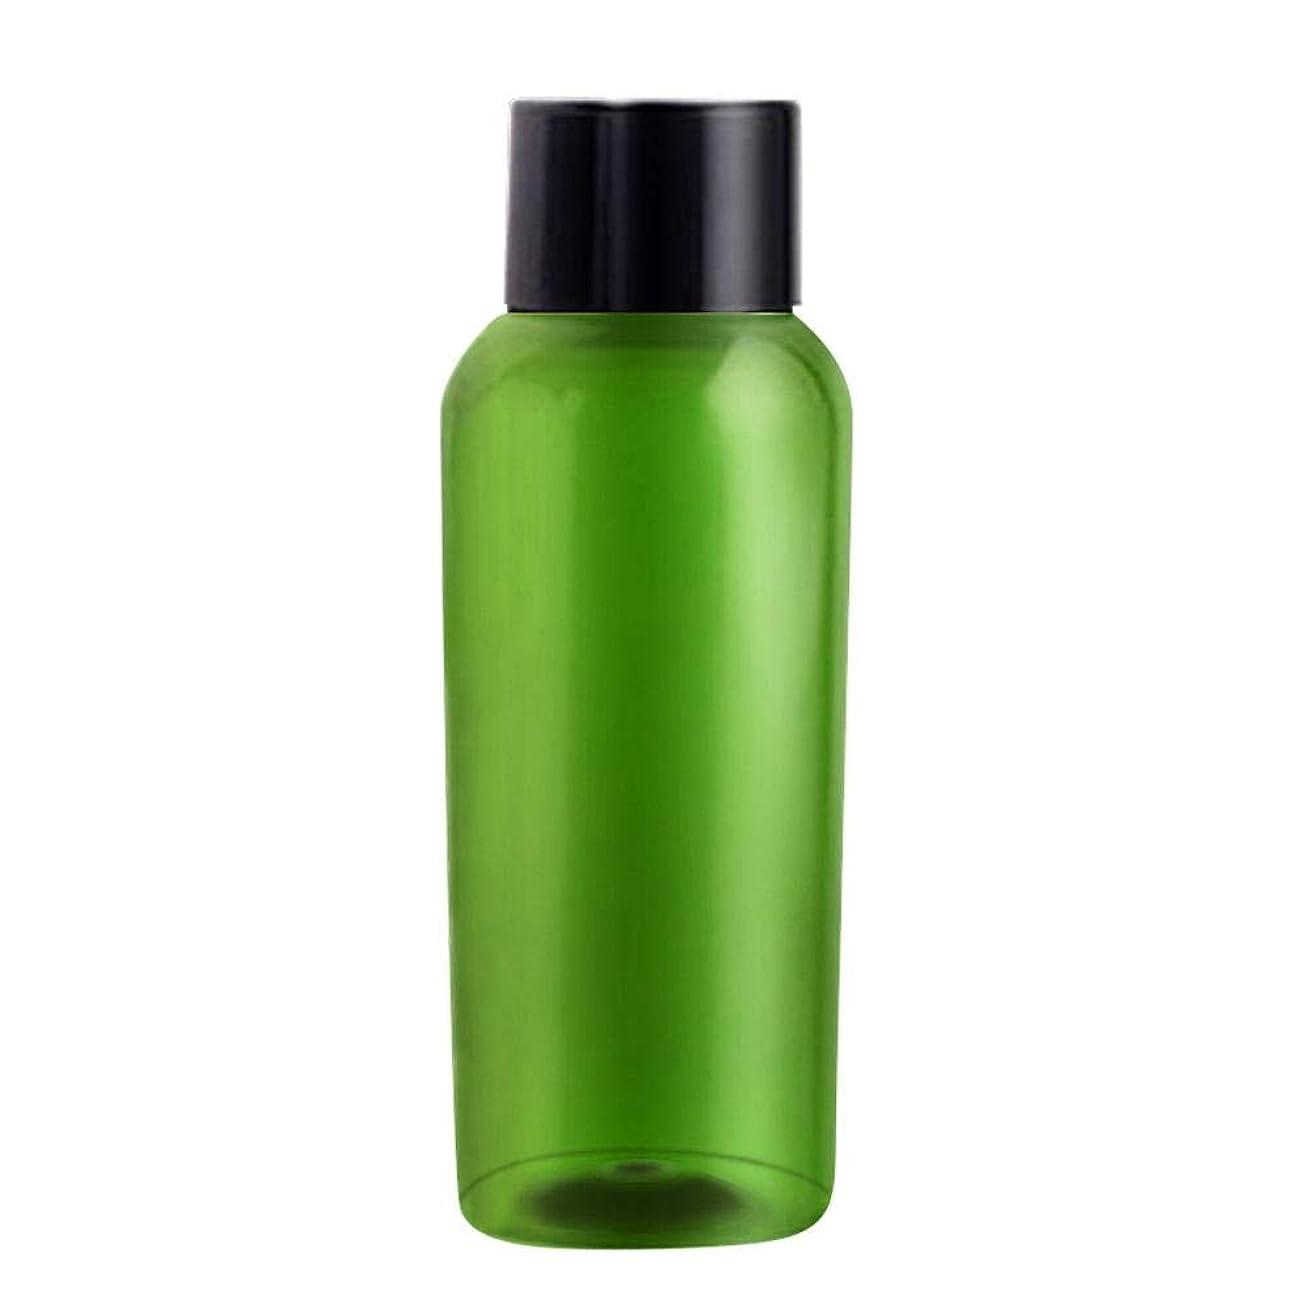 上級業界神50ML分けボトル 詰替ボトル 化粧品ボトル 遮光瓶 出張?海外旅行用 収納 携帯便利 4本セット シャンプー?エマルジョン?化粧水ボトル シリコン製